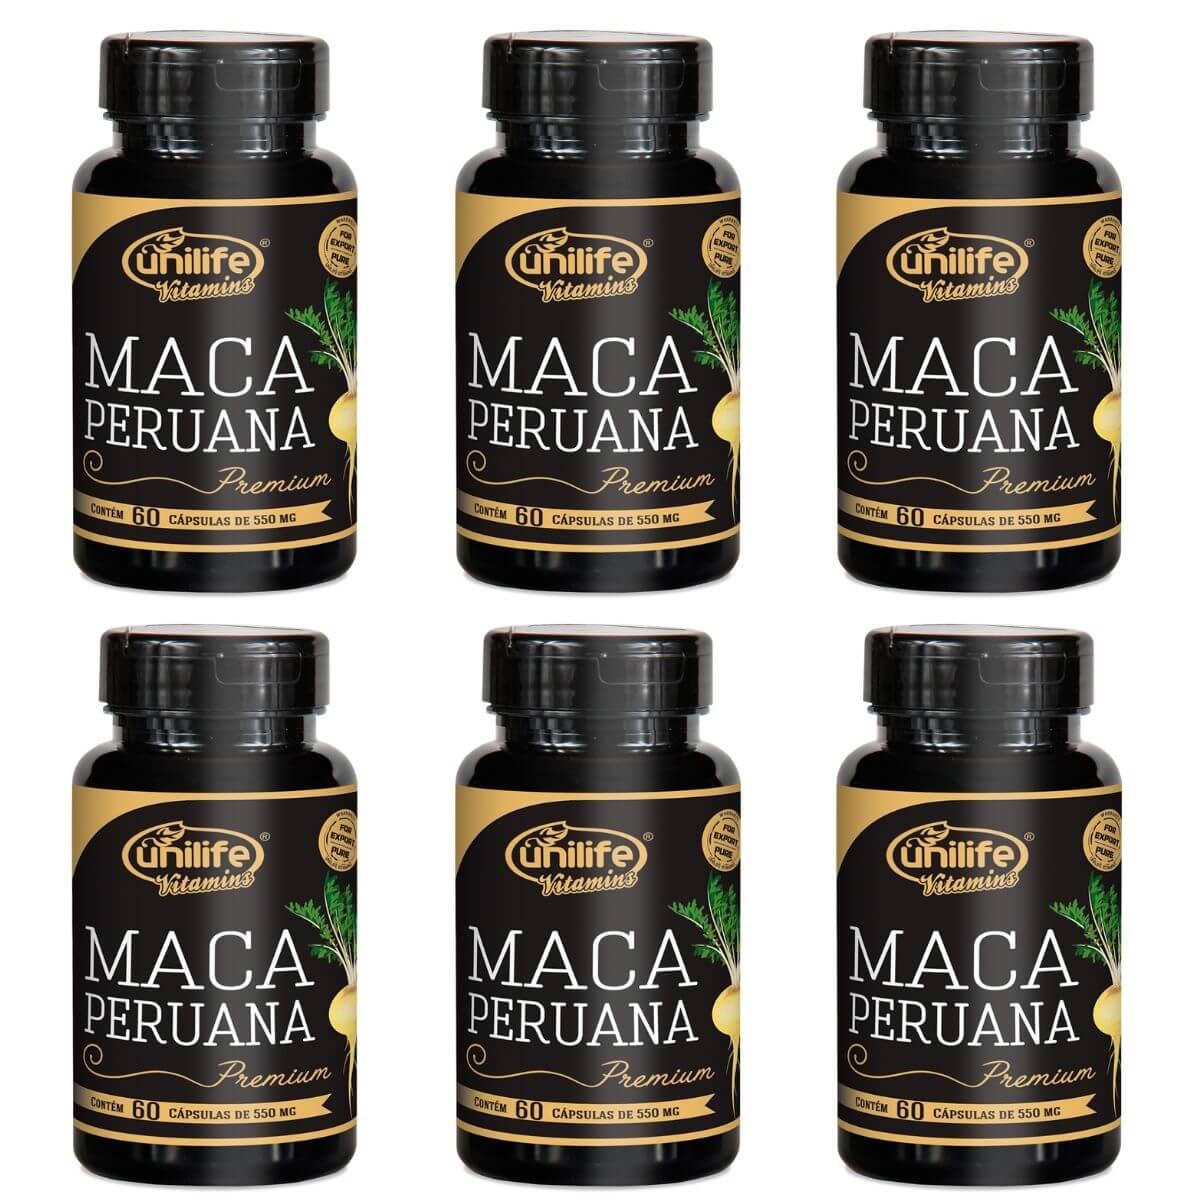 Kit 6 Maca Peruana Premium Unilife 100% Pura - 60 Cápsulas